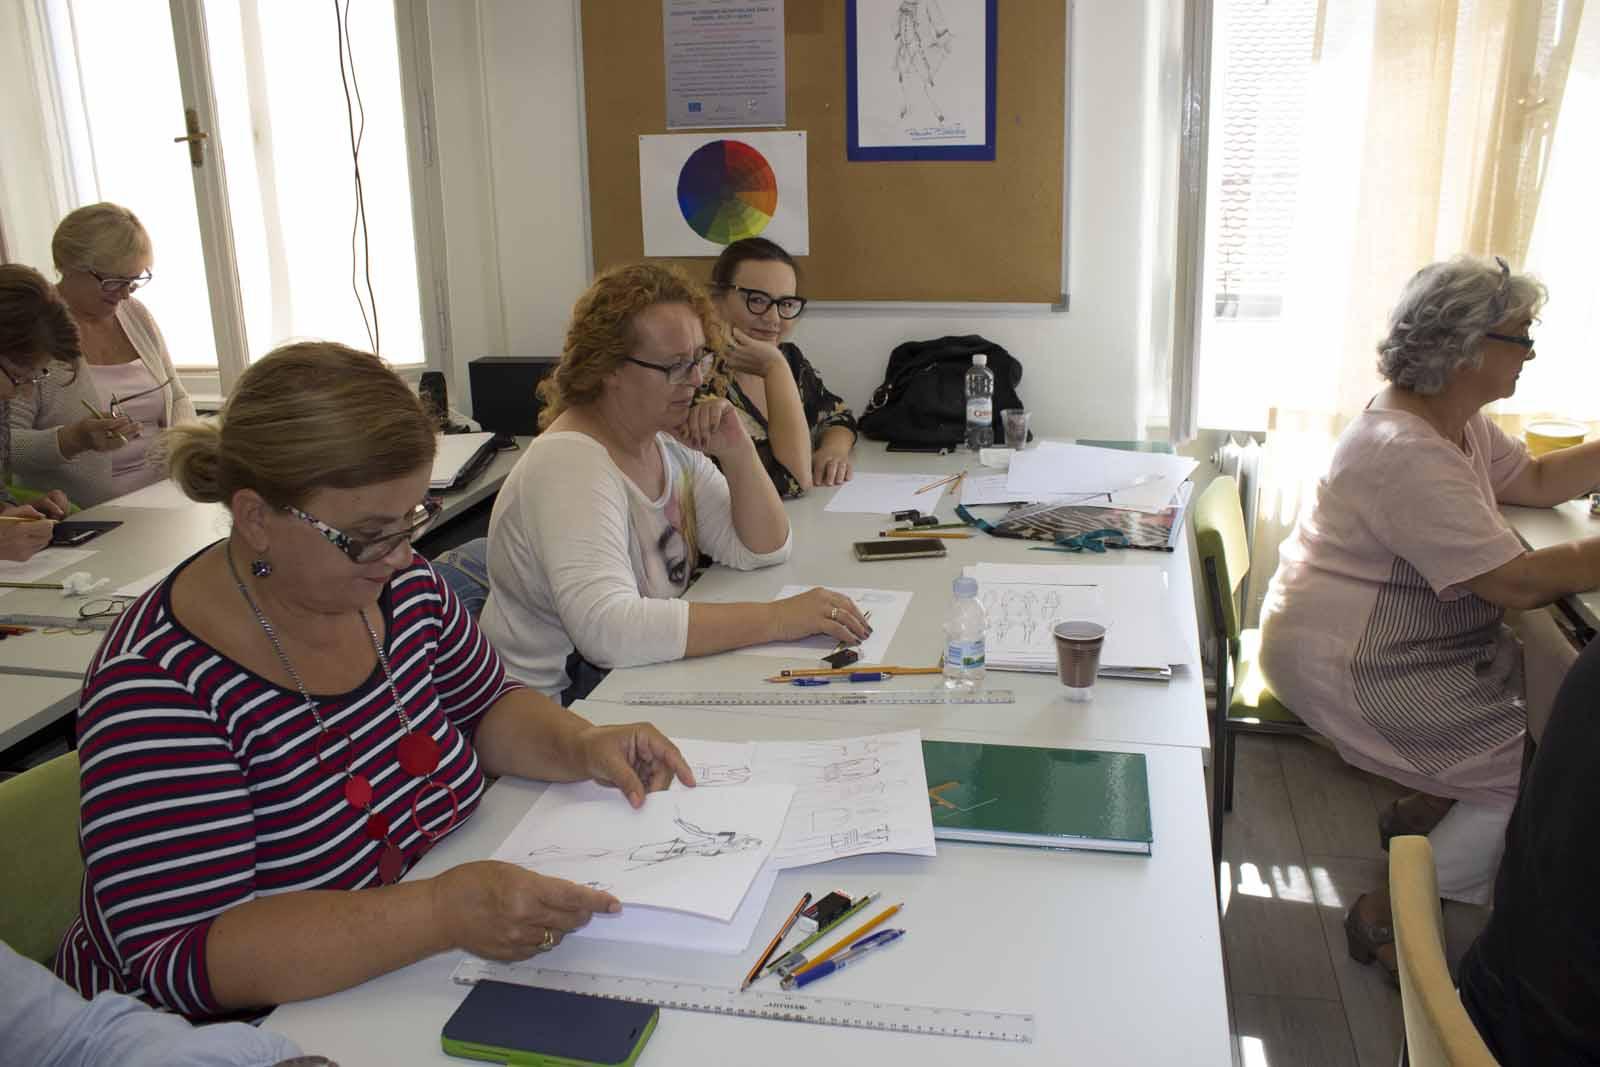 Cjeloživotno učenje u Callegariju - Plodovi ruku kreativnih žena